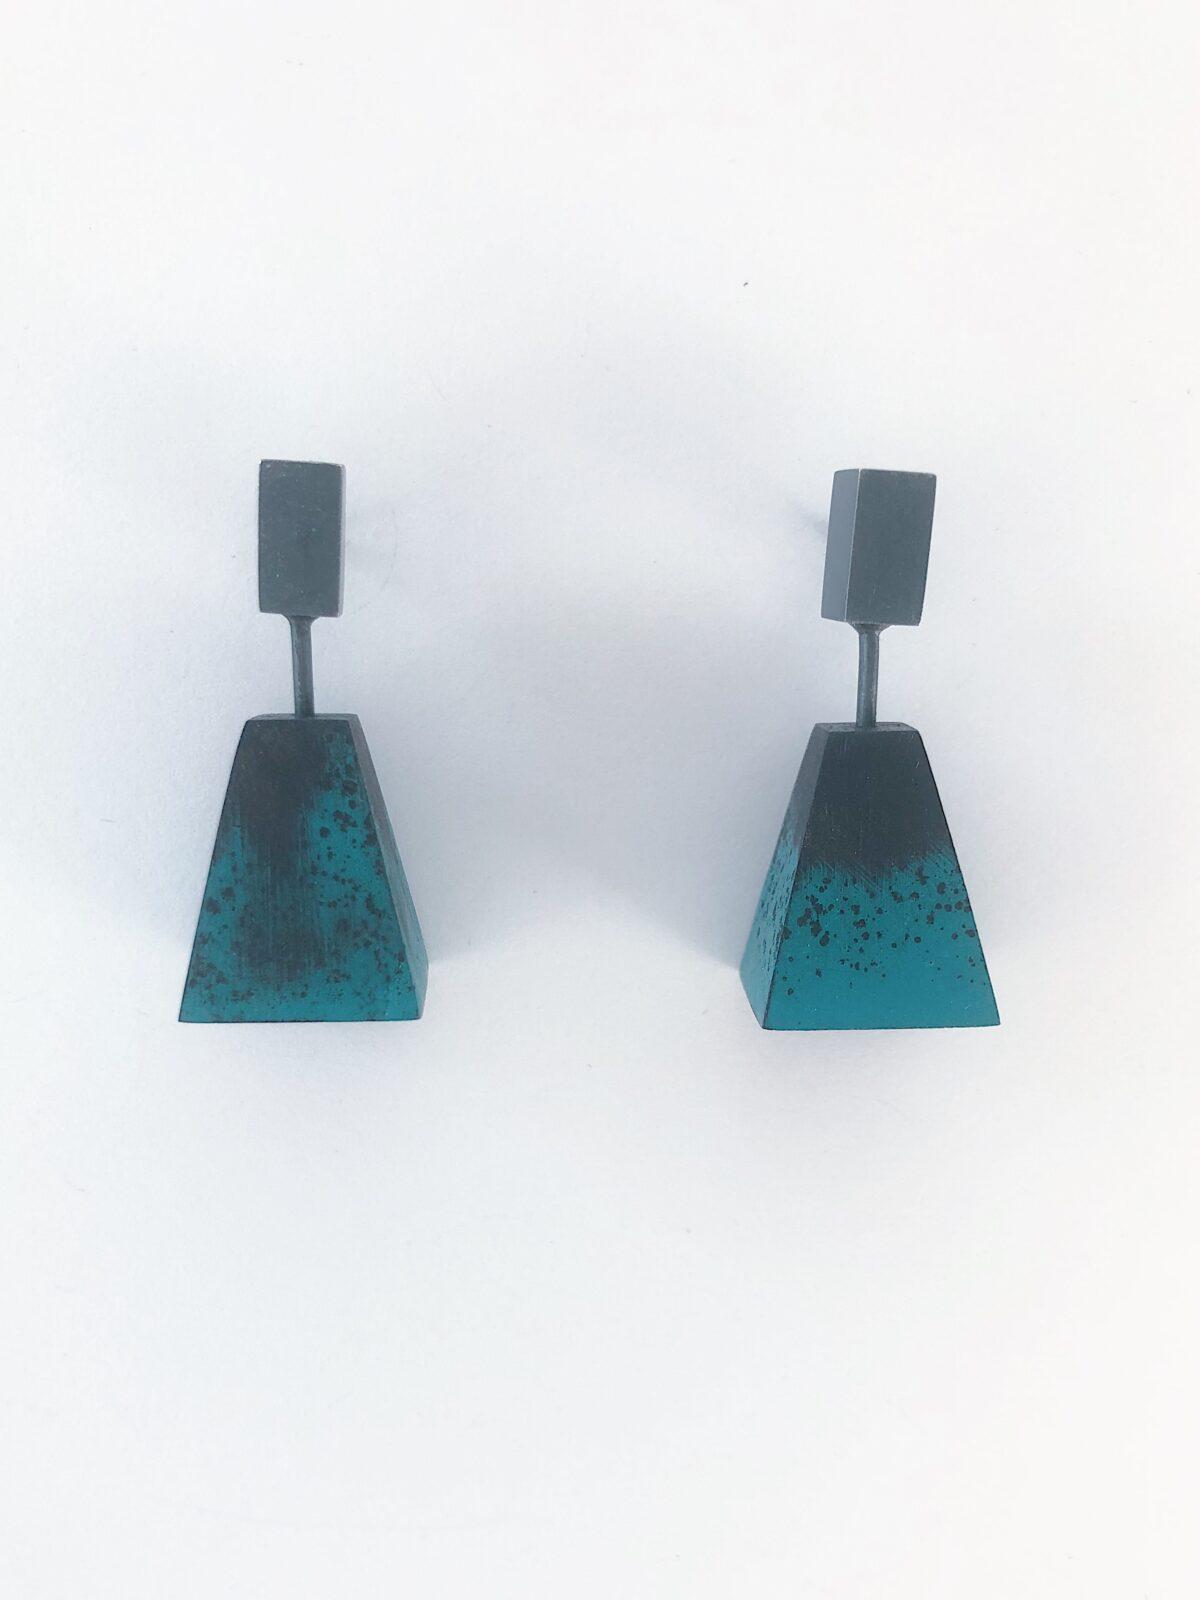 BF0E312C-A9B0-4A18-873C-C4156981542C